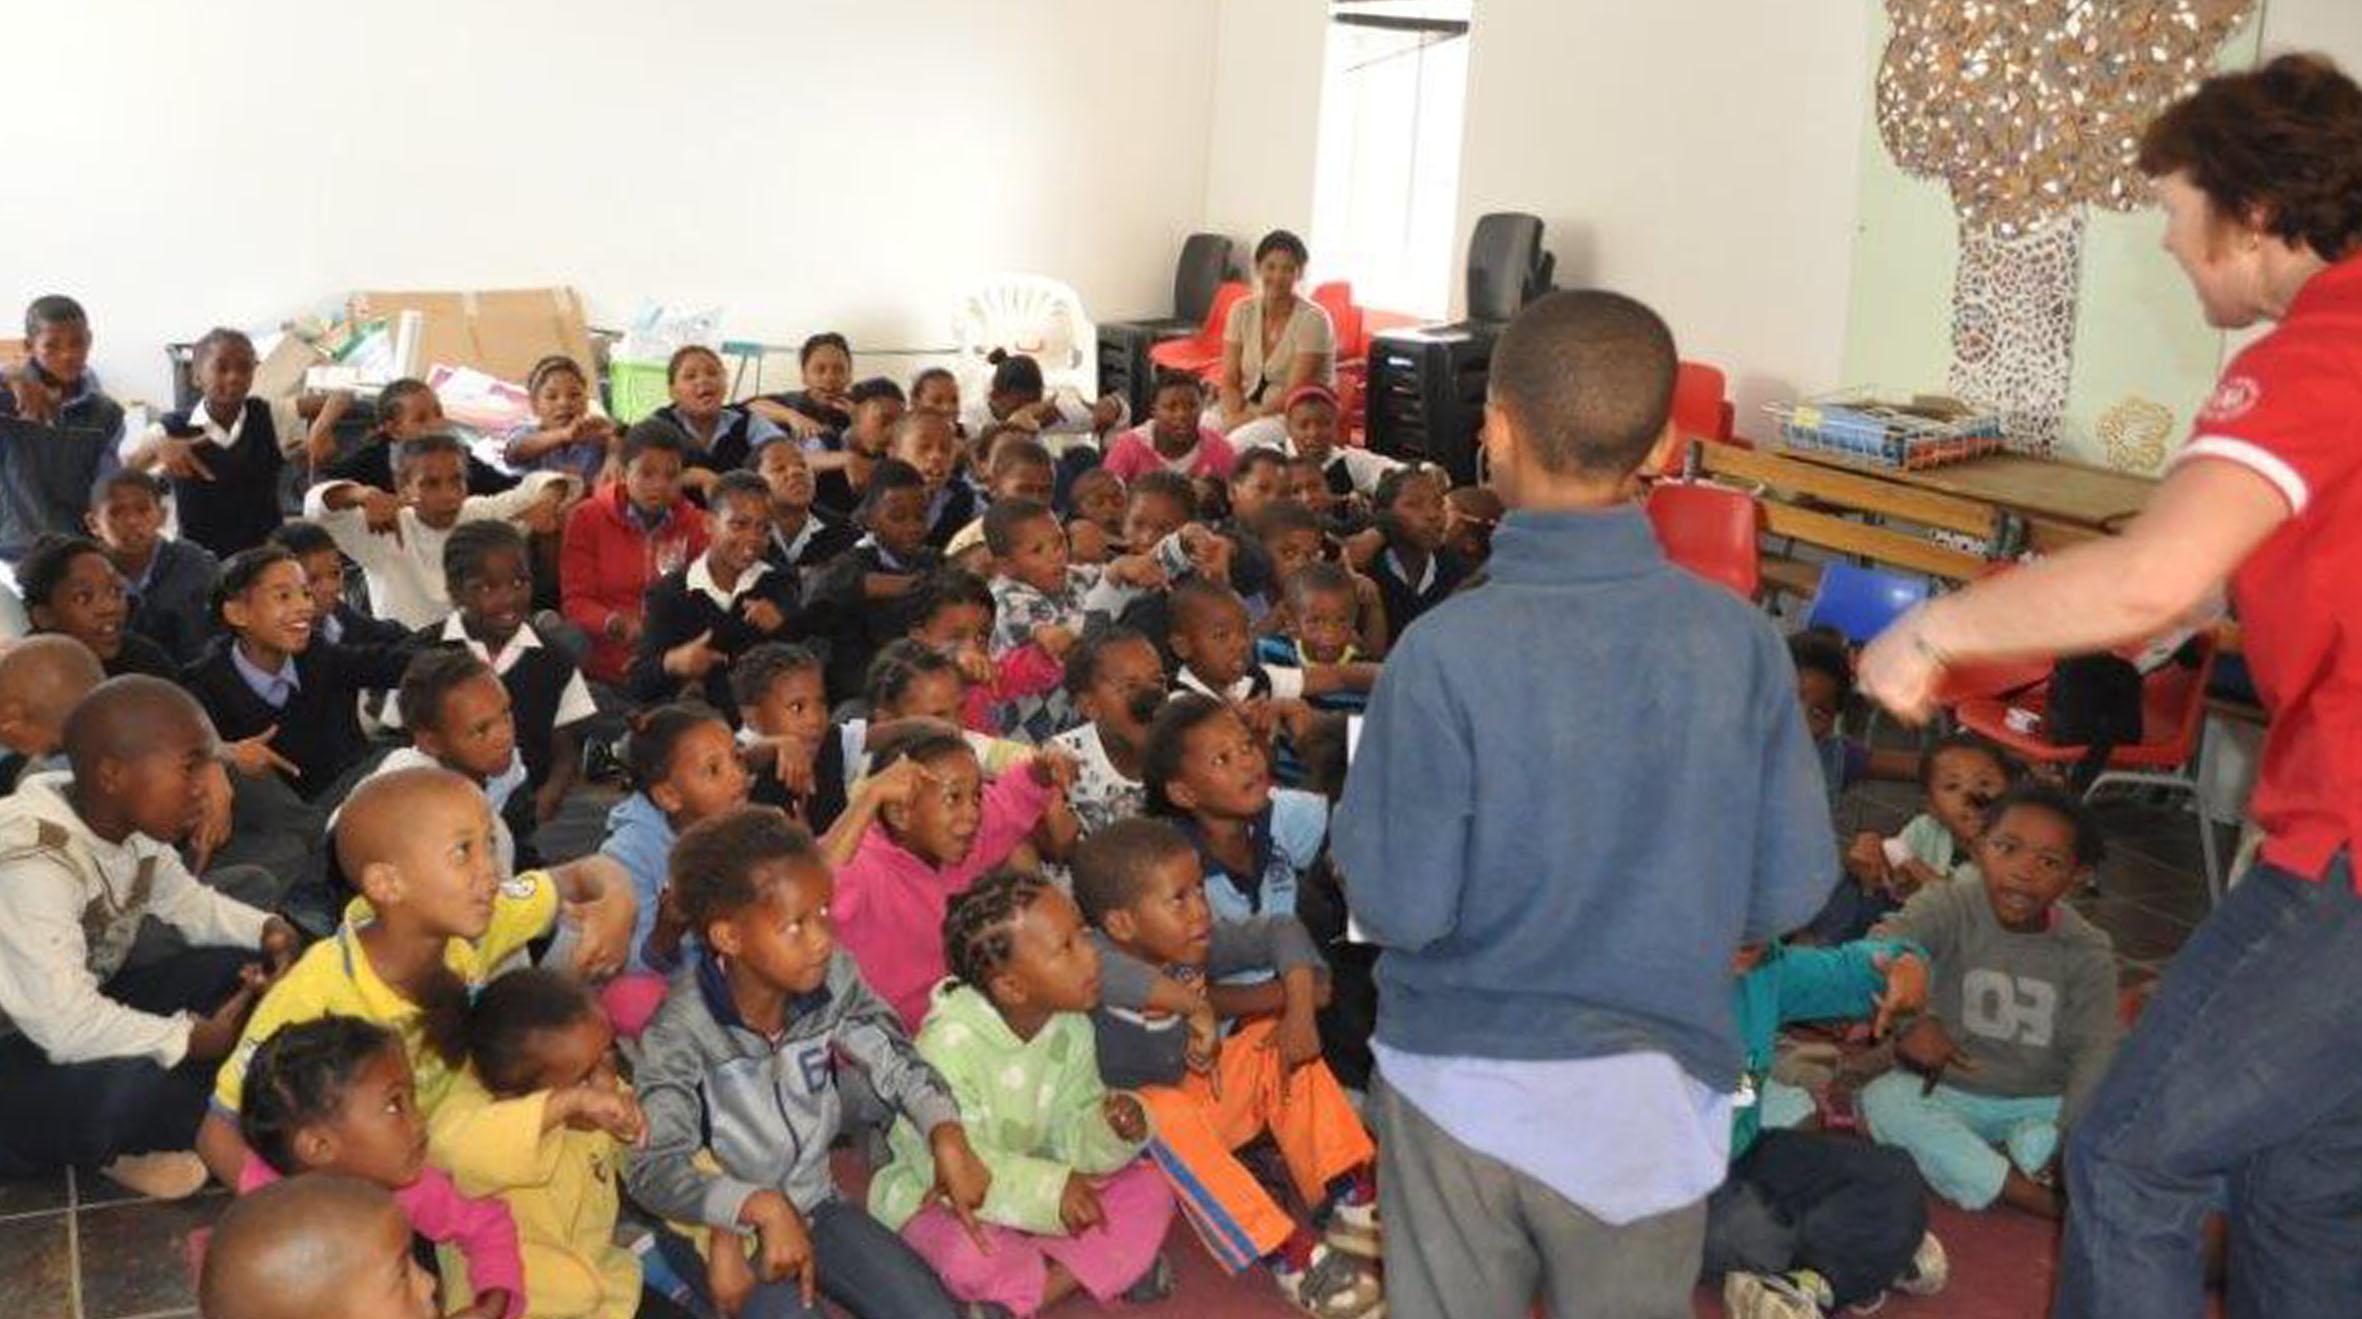 Noodnommer? - Kinders van Bet-El Primêre Skool leer 10177, aangesien die meeste van hul ouers selfone tot hul beskikking het.